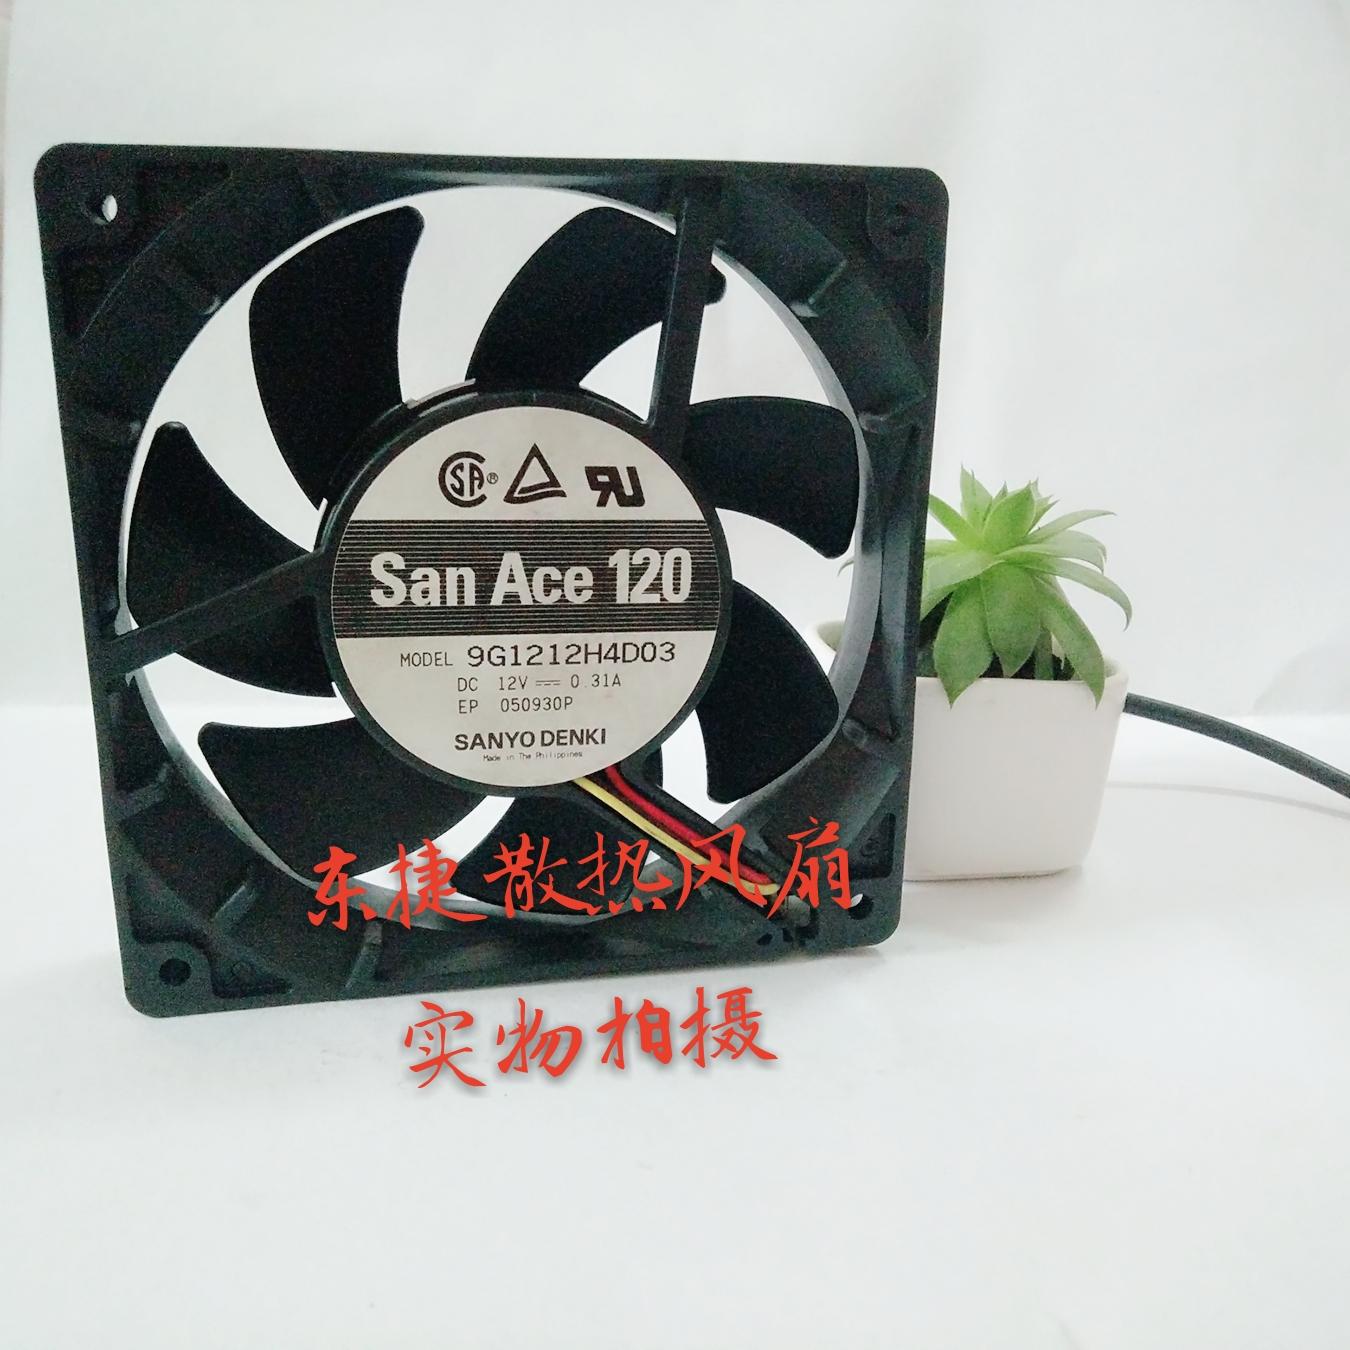 三洋SANYO 9 G 1212 H 4 D 03 12 CM 12025 V 0.31 Aダブルボールケース放熱ファン